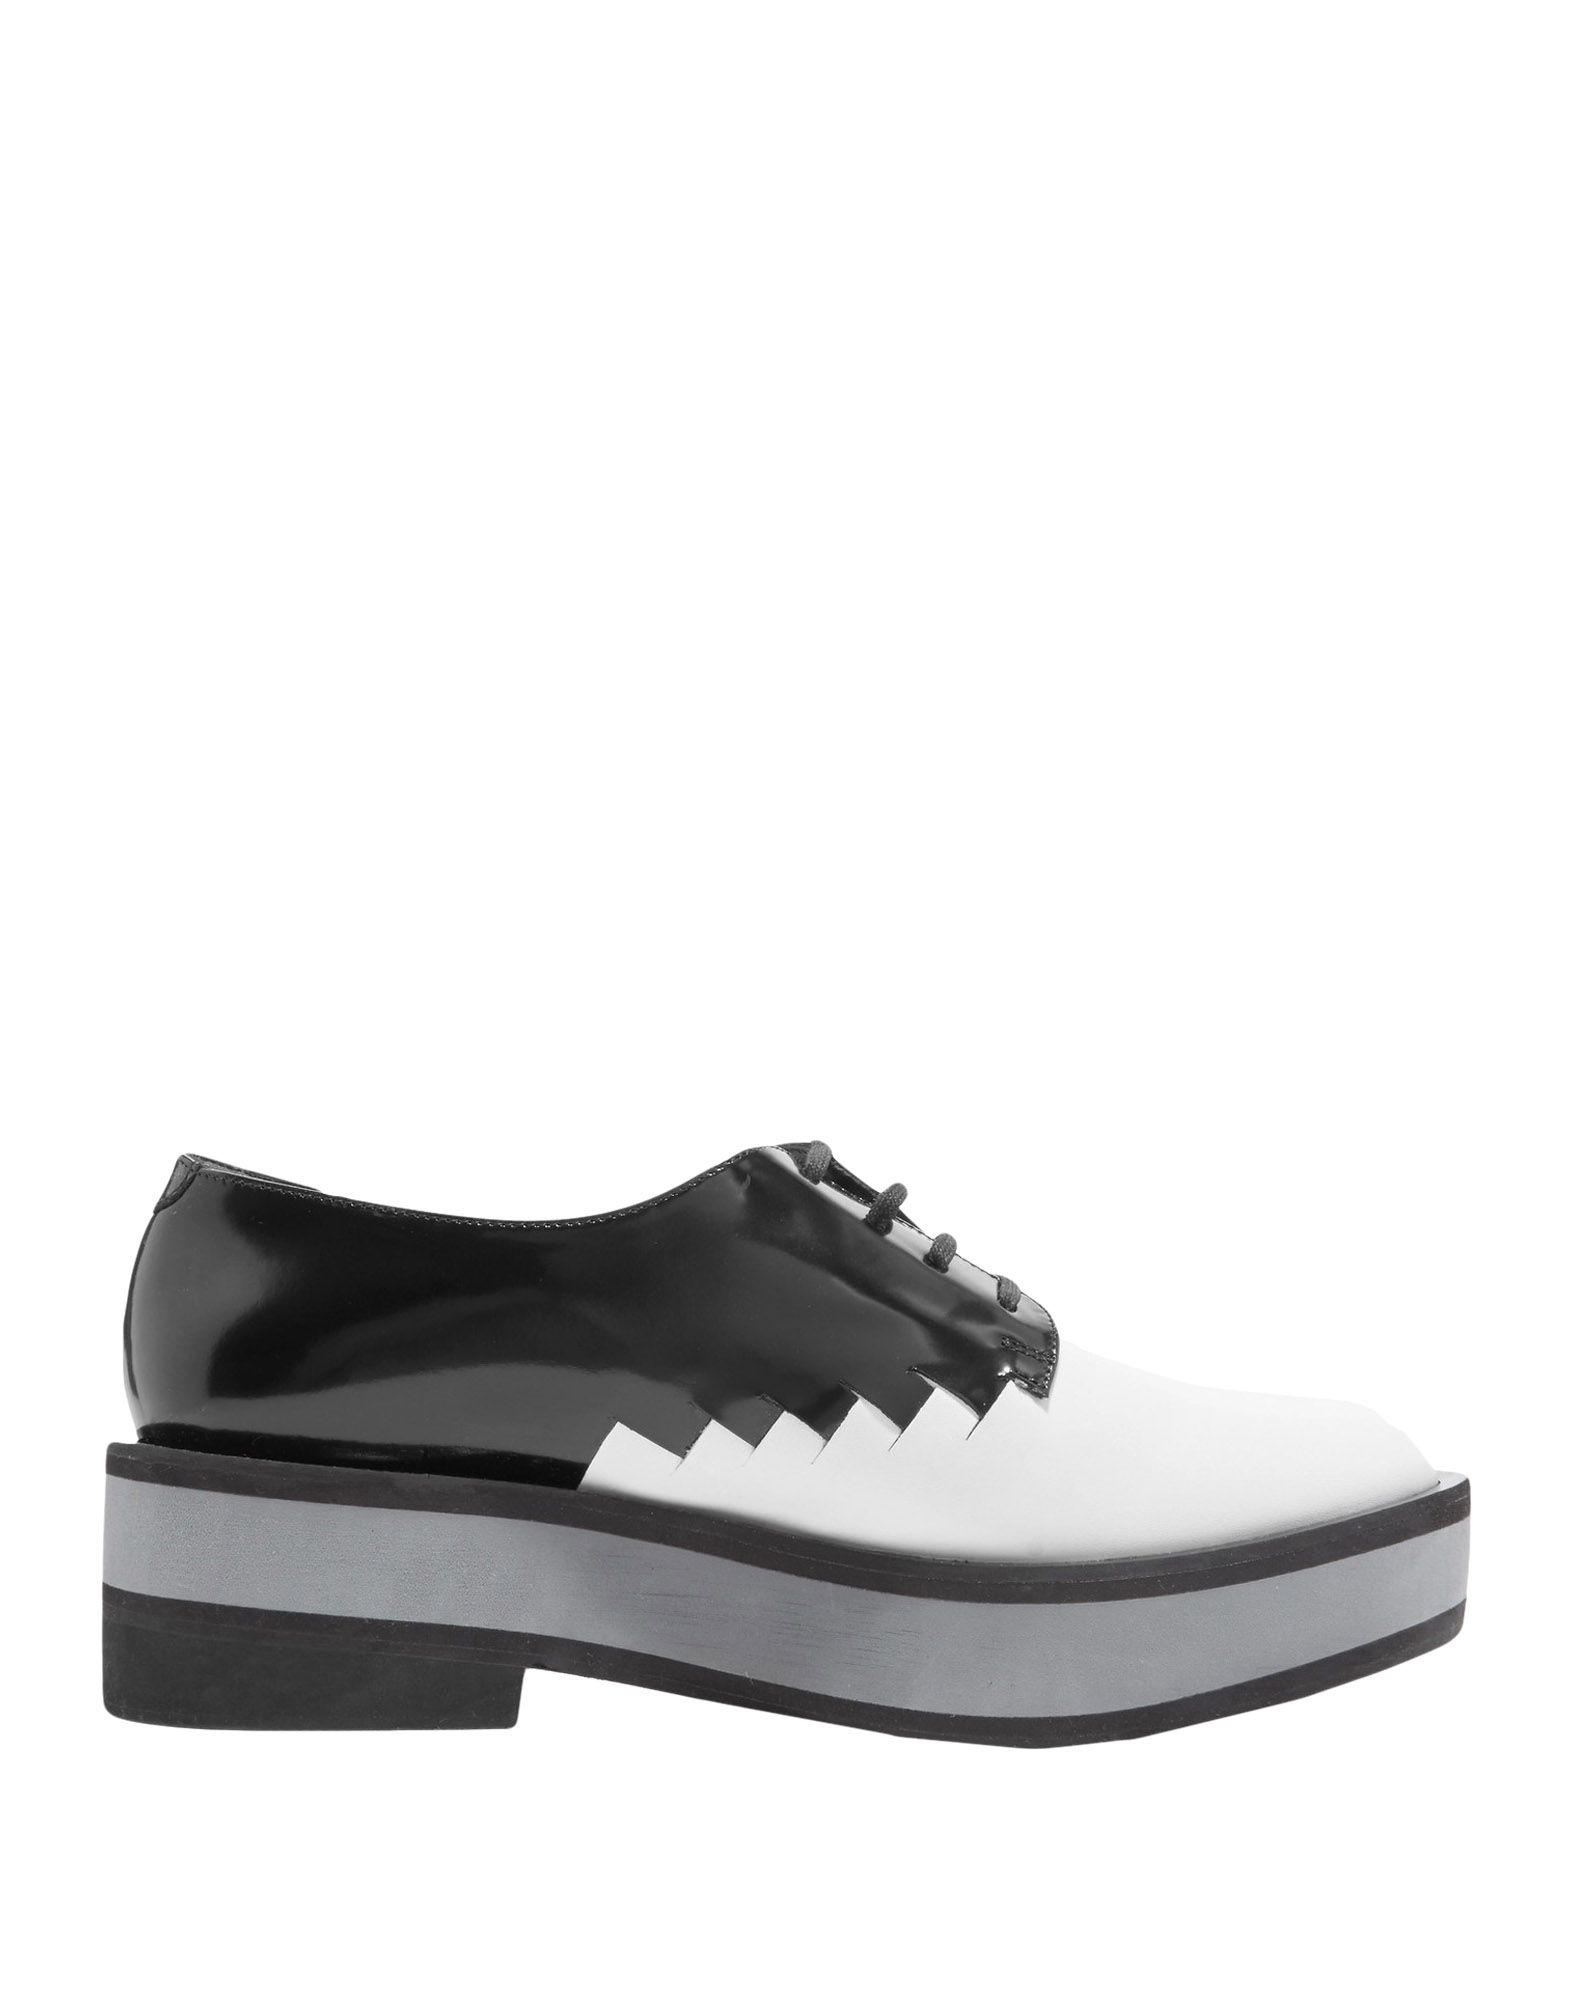 Gut um Clergerie billige Schuhe zu tragenRobert Clergerie um Schnürschuhe Damen 11524287DP 8a28d1